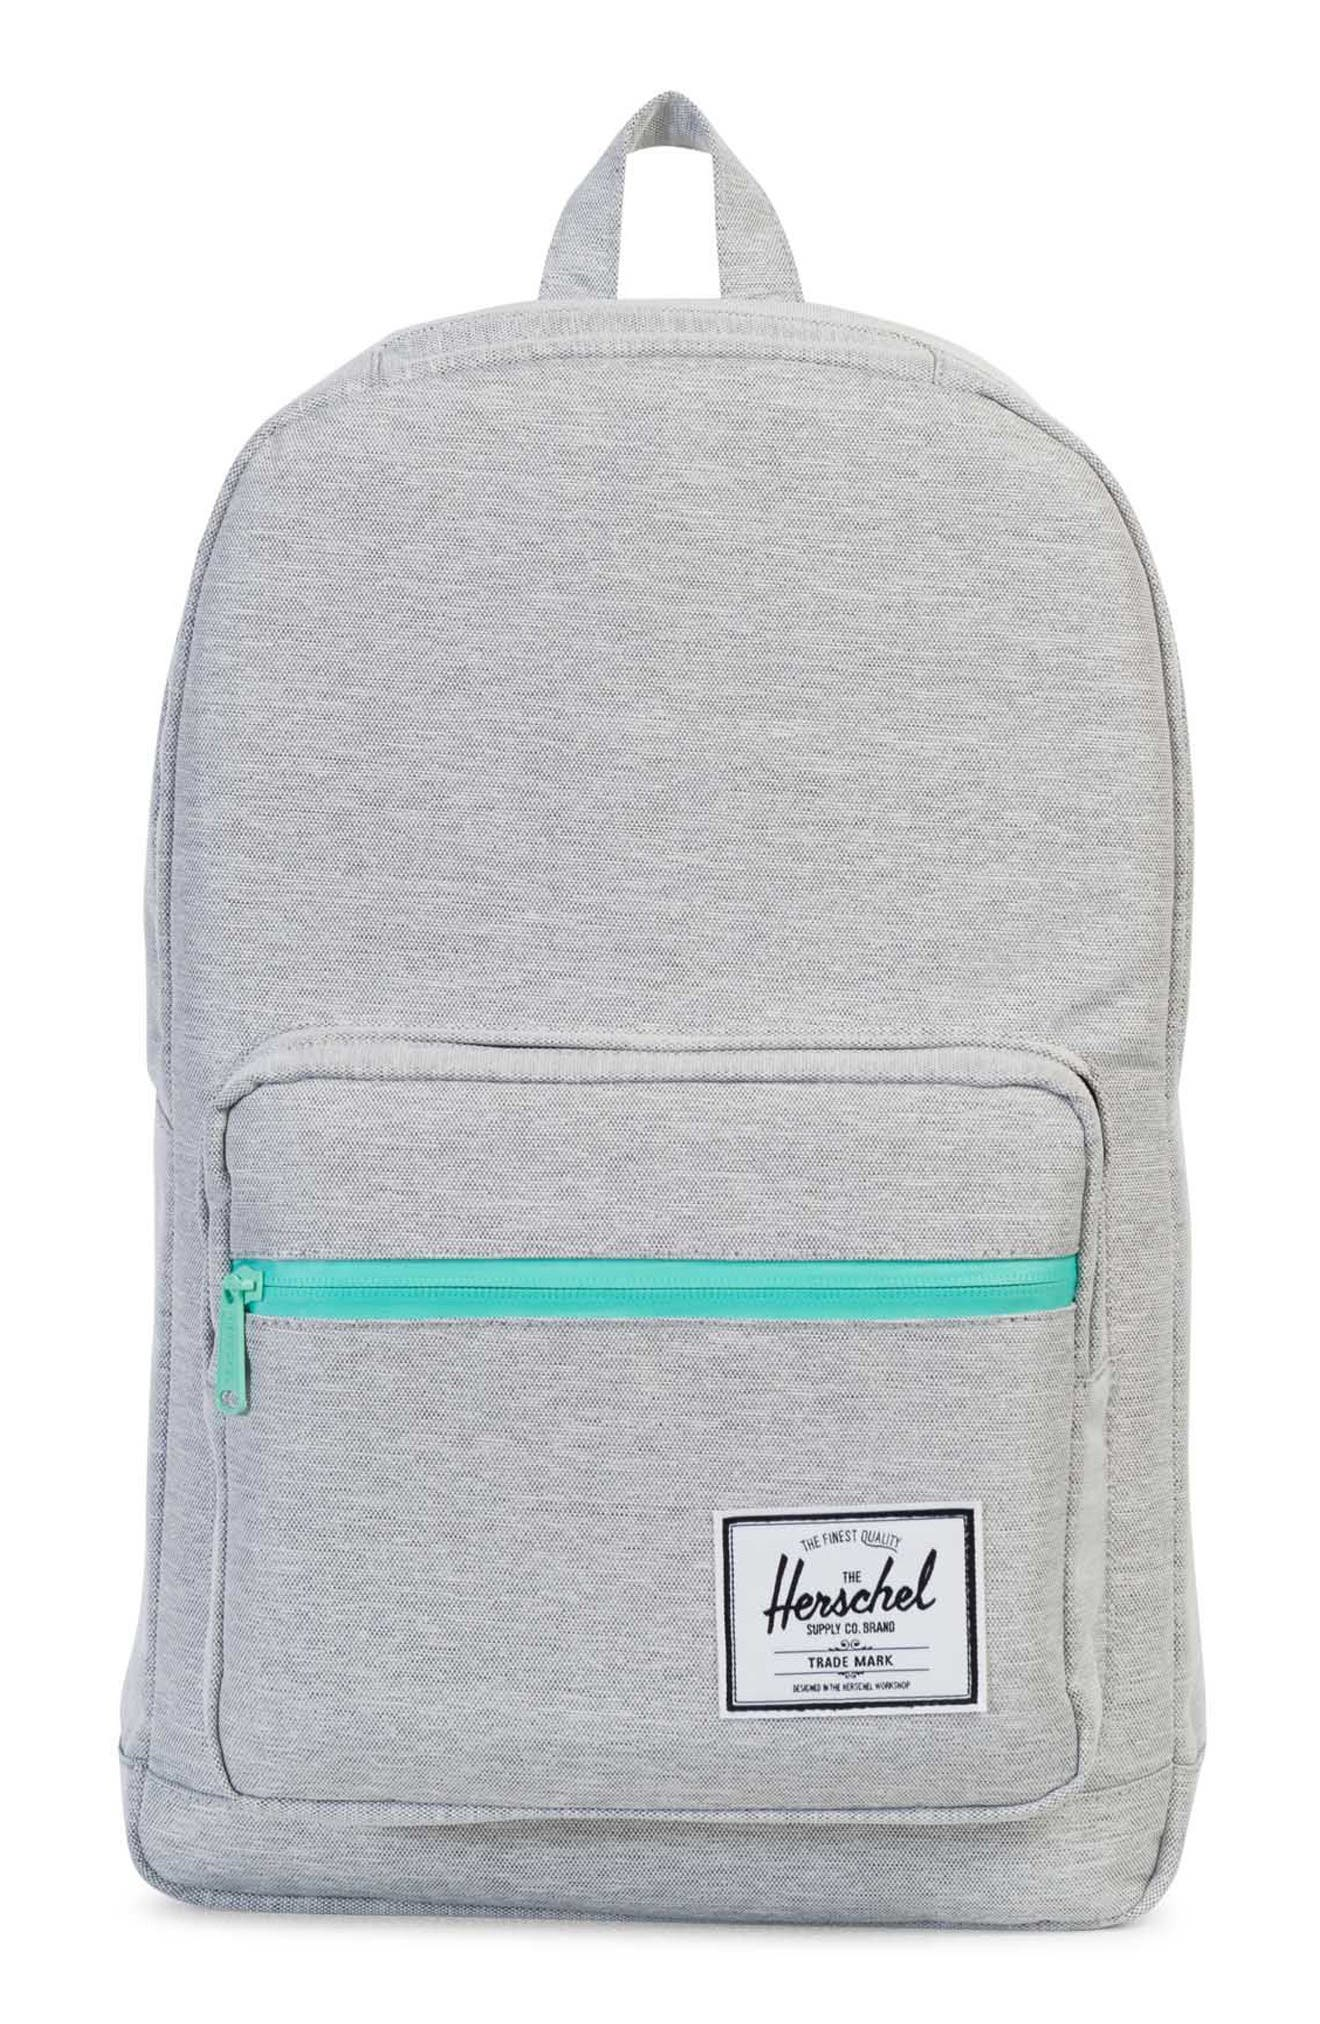 Herschel Supply Co. Pop Quiz Crosshatch Backpack